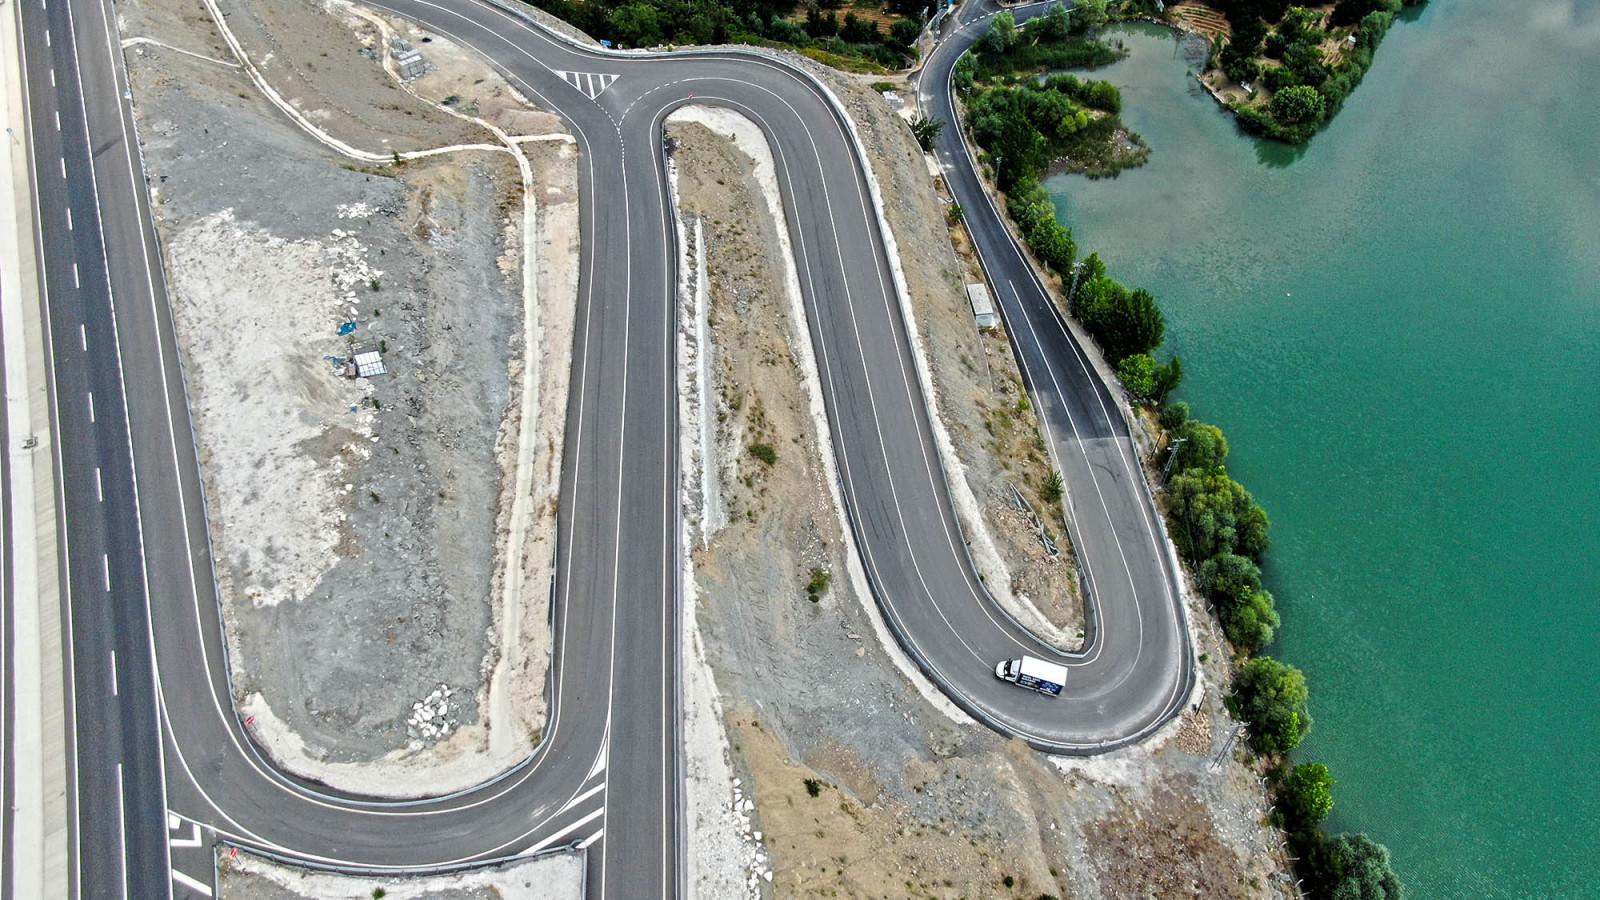 dongel mahallesi yol asfalt cizgi 3 Döngel Mağaralarının Ulaşım Sorunu Çözüldü